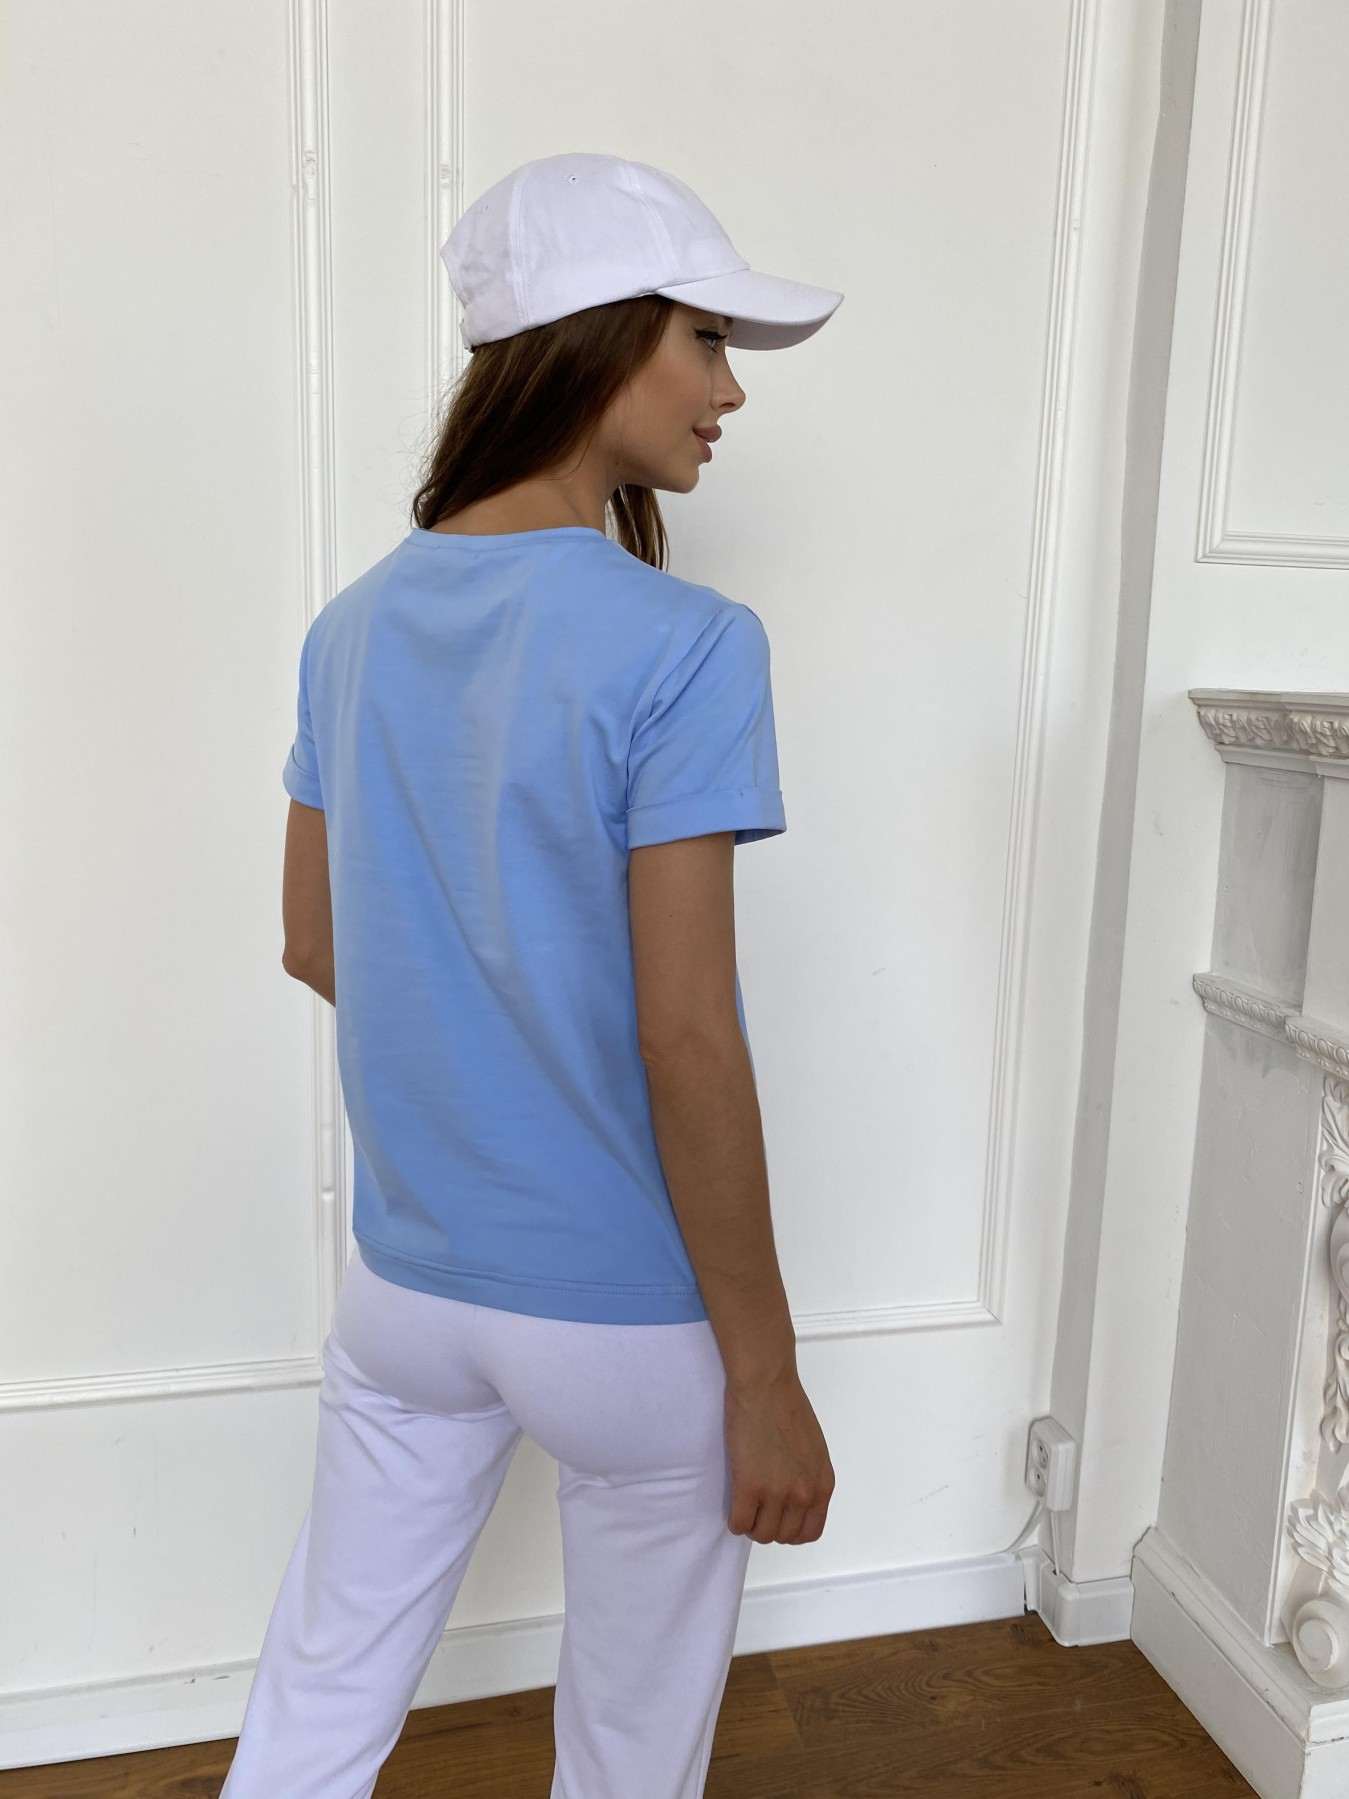 Вуди футболка из вискозы 11224 АРТ. 47878 Цвет: Голубой - фото 4, интернет магазин tm-modus.ru